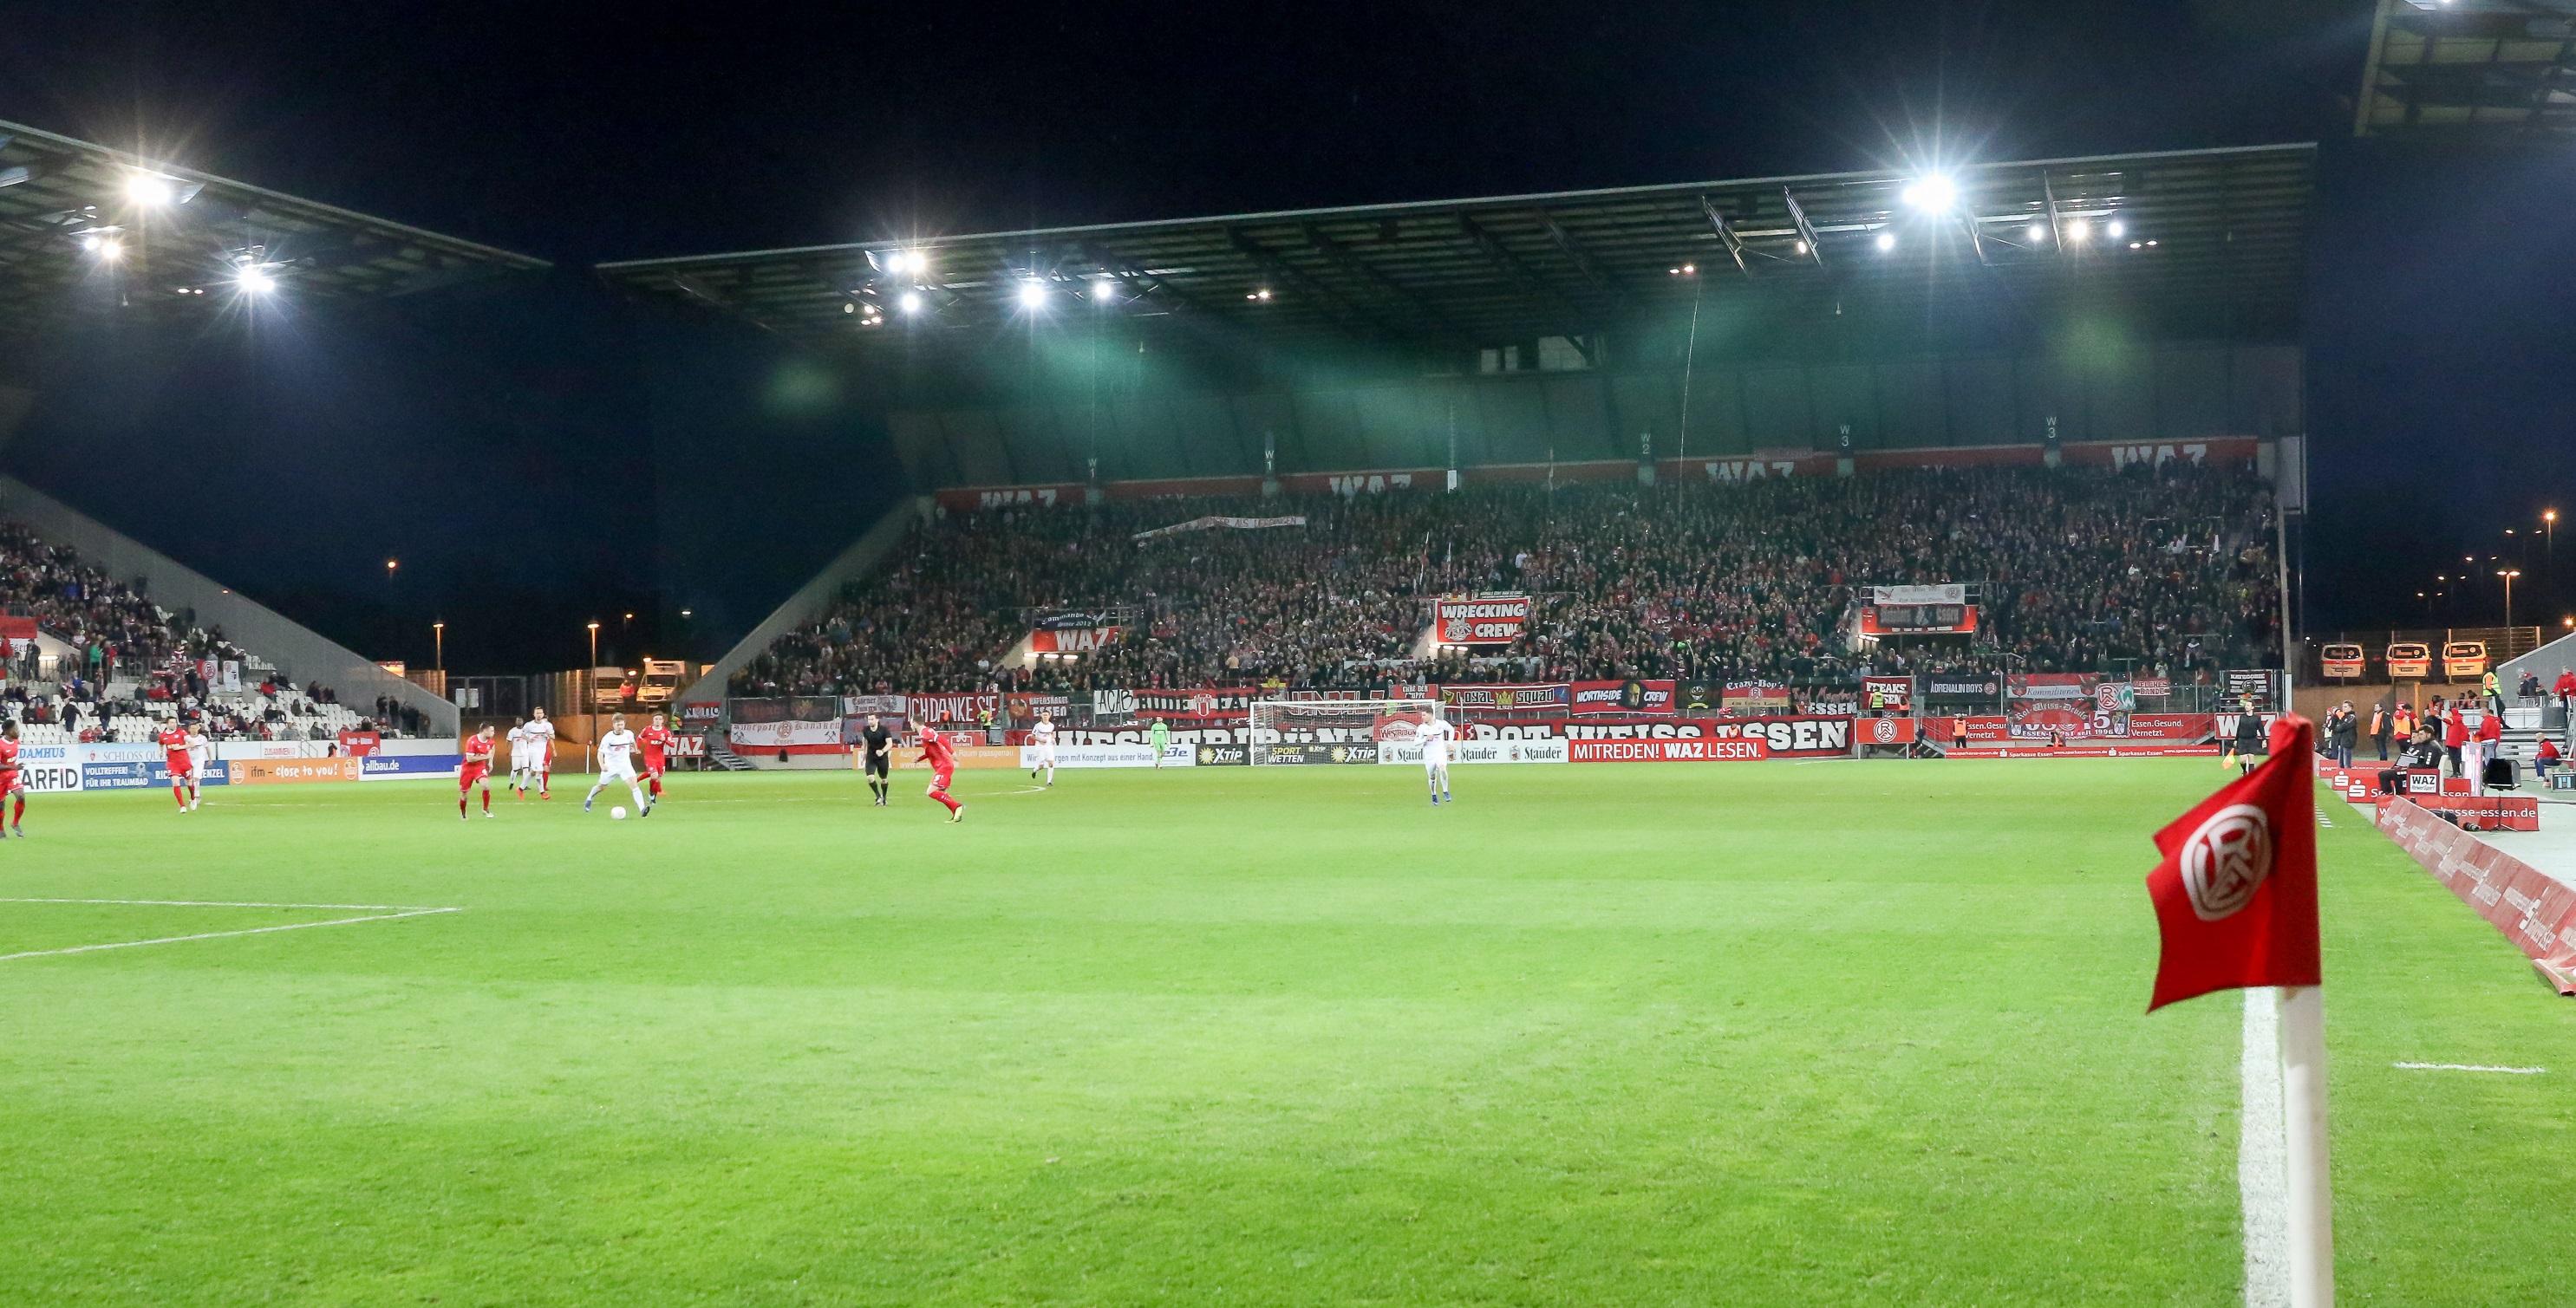 Am 29. April empfängt Rot-Weiss Essen die SG Wattenscheid 09 an der Hafenstraße. (Foto: Endberg)